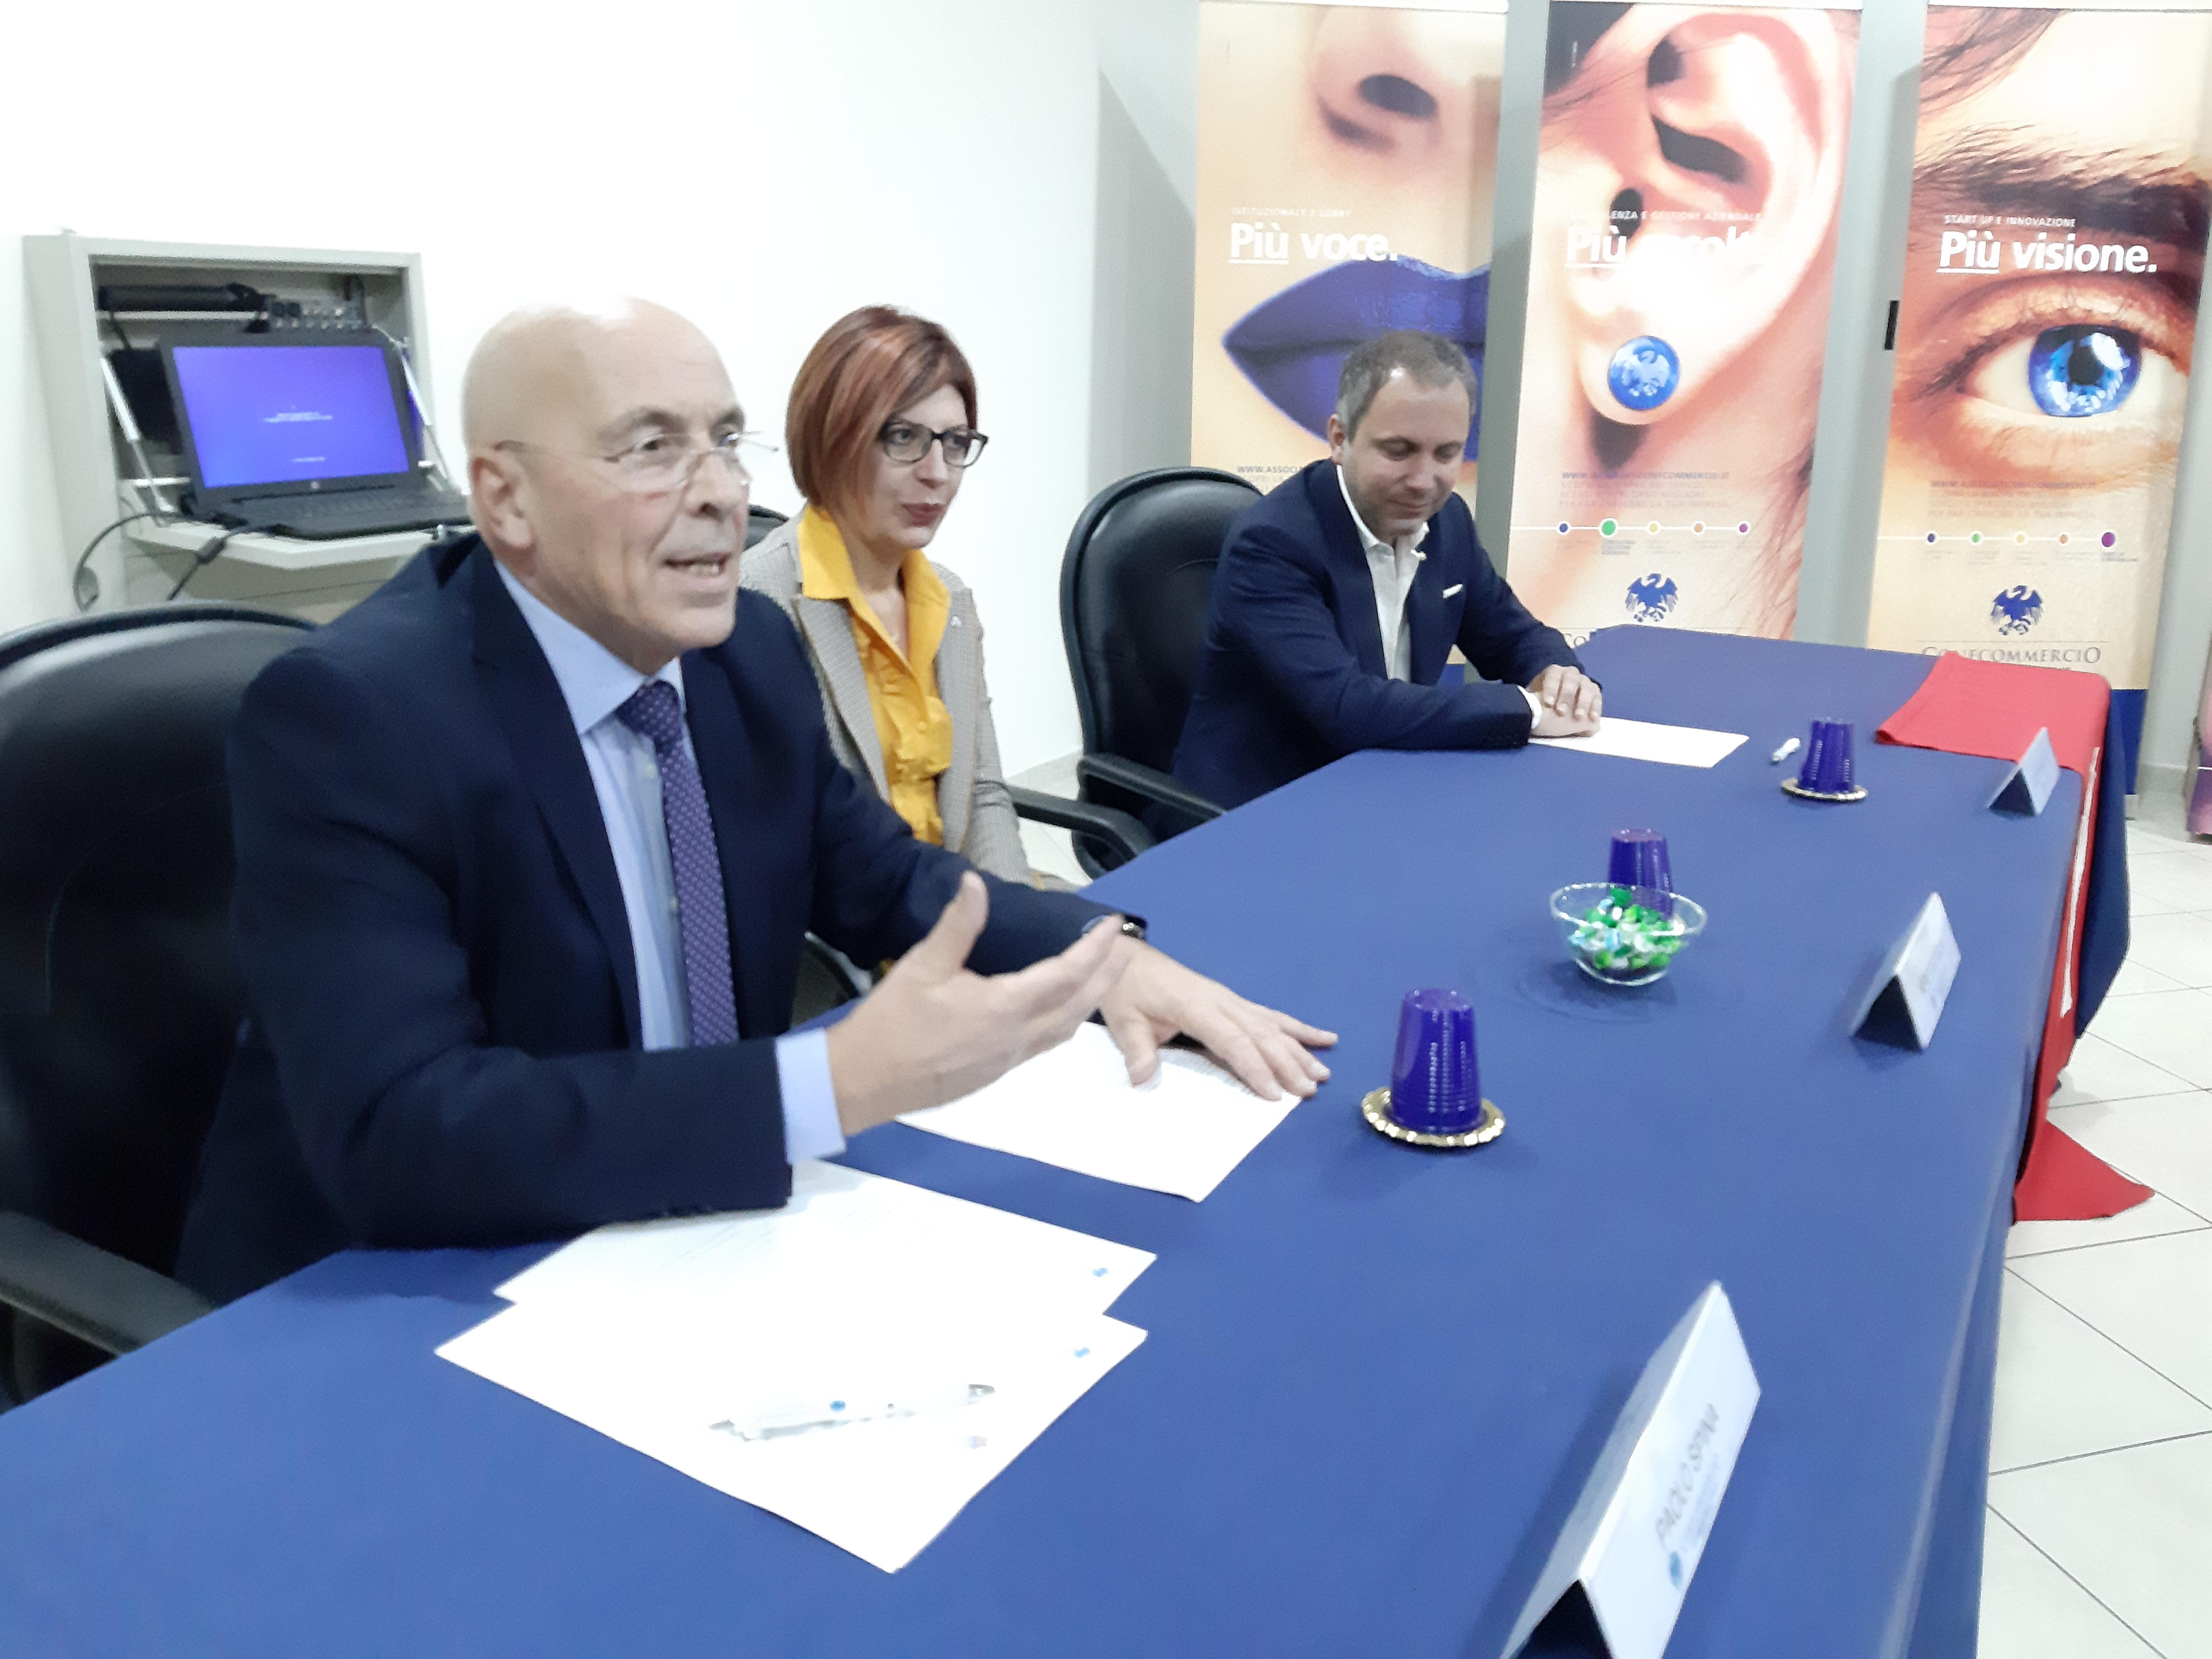 Turismo, firmato il Protocollo d'Intesa tra Confcommercio Molise e Associazione Pro Crociati Trinitari.